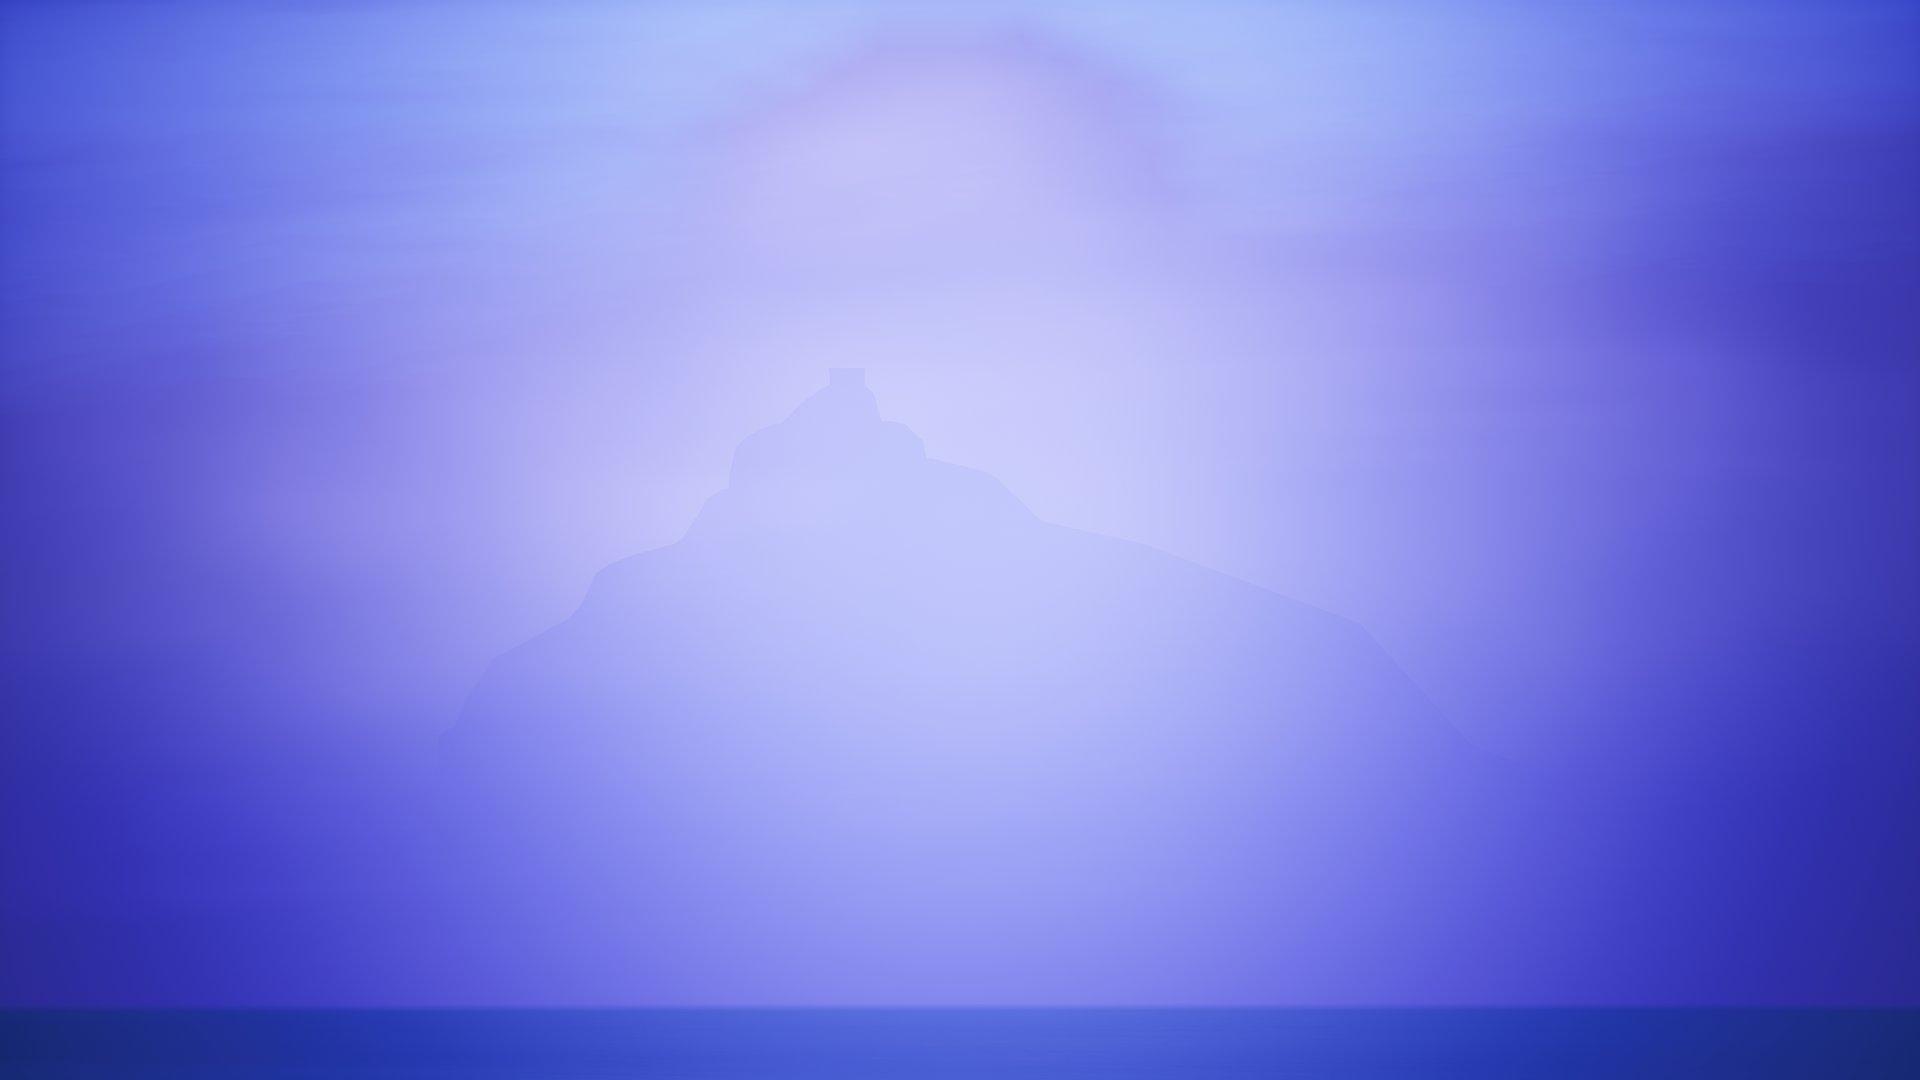 Iceberg Outline in Fortnite